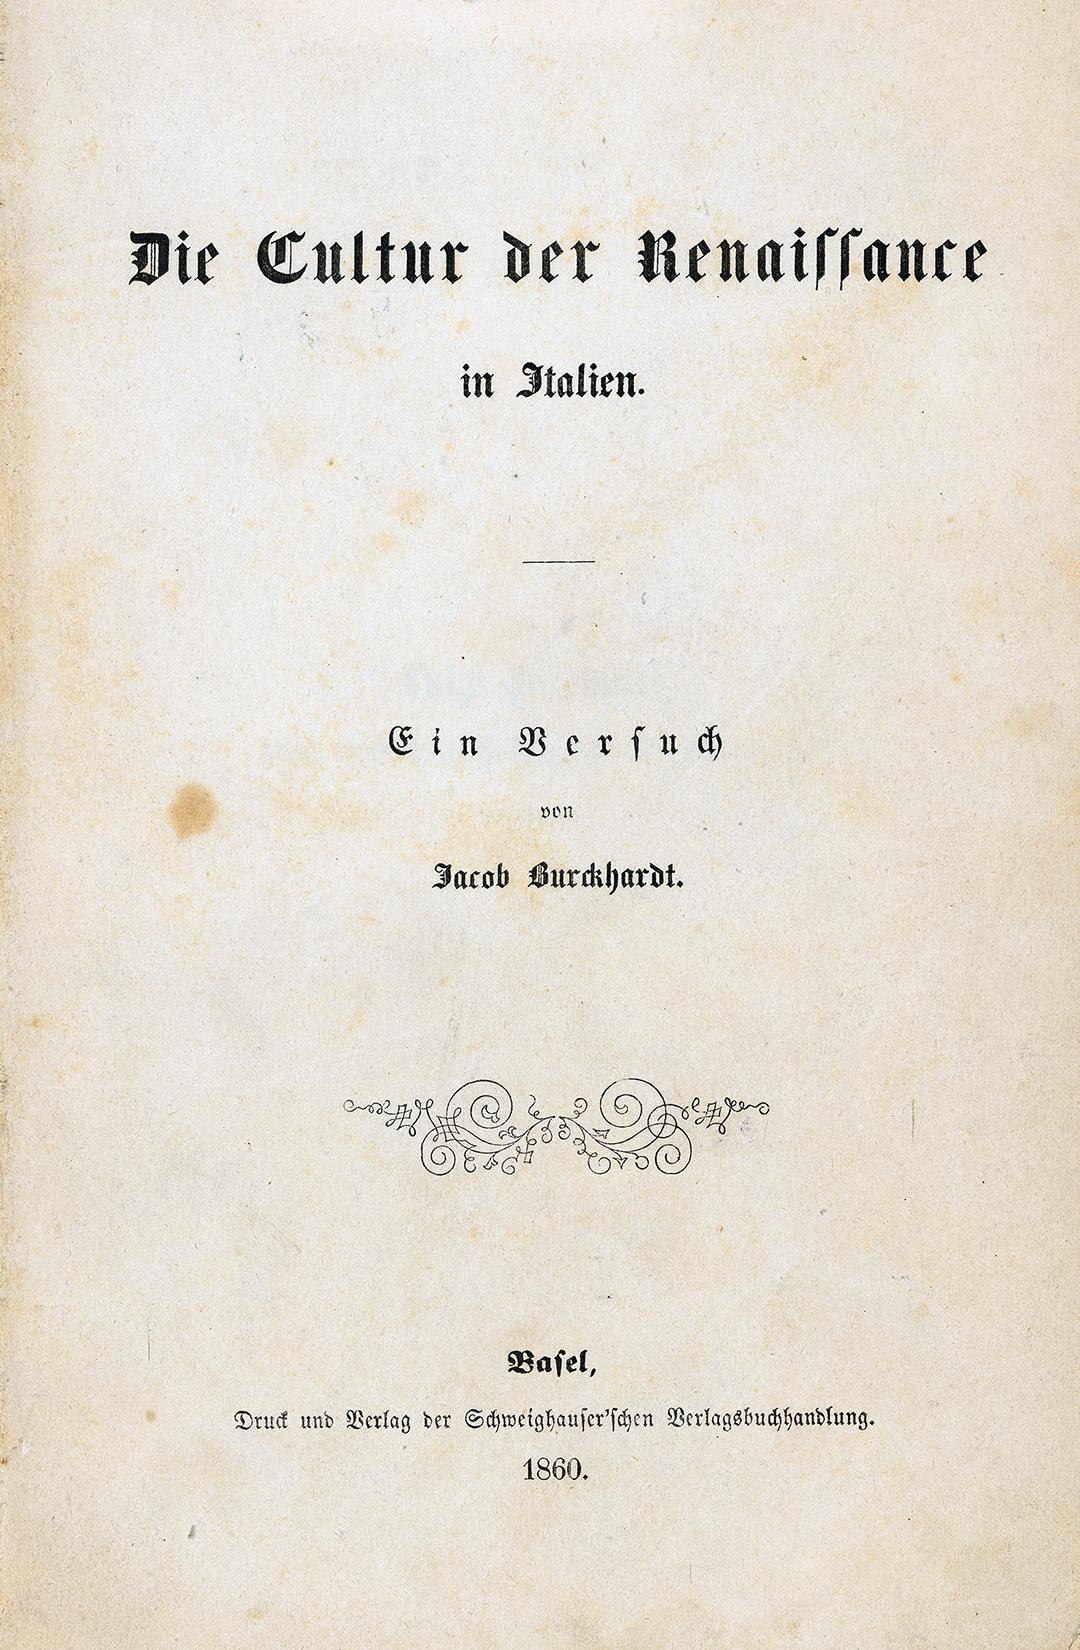 Jacob Burckhardt, Die Cultur der Renaissance in Italien, Basel, 1860